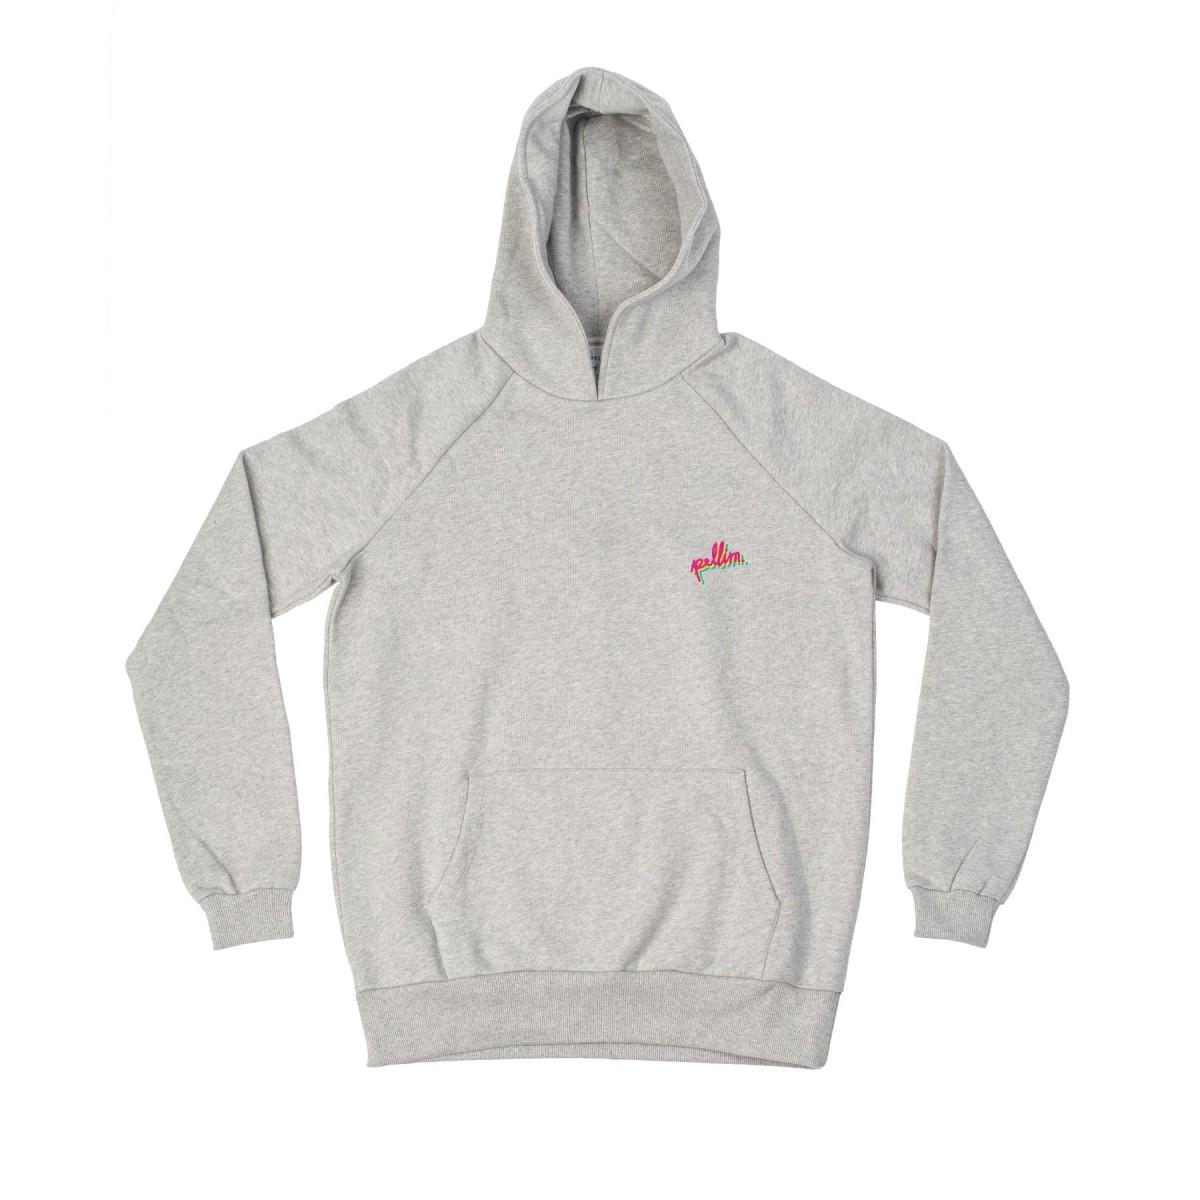 pellim. dizzy. hoodie grau